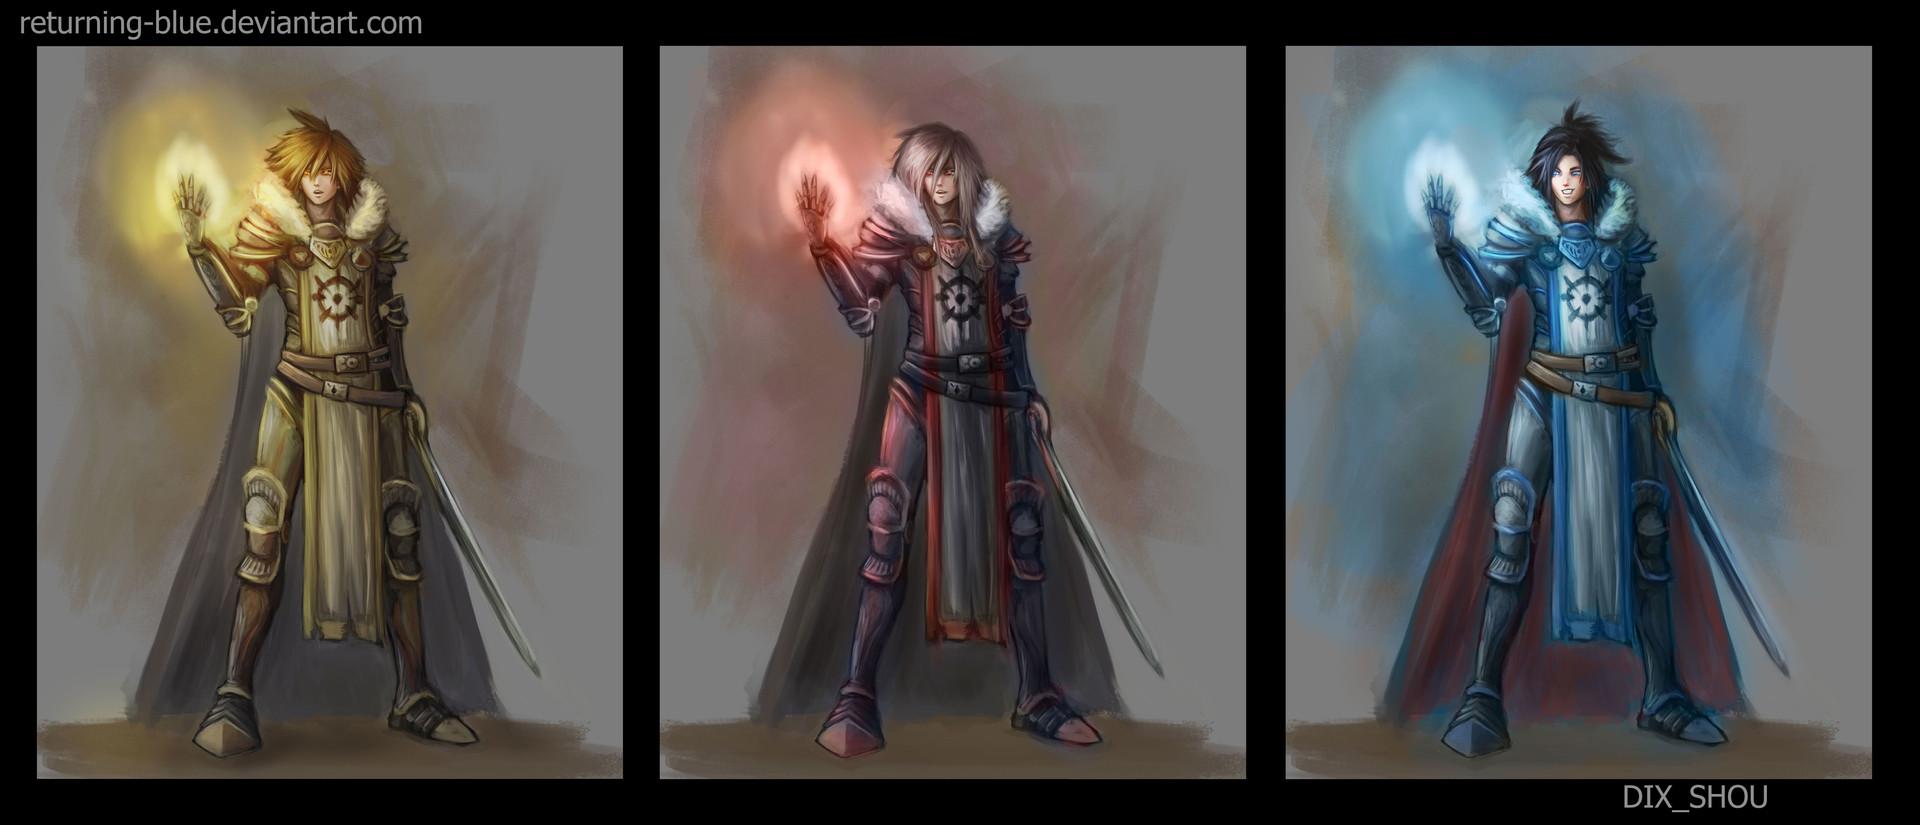 Dix shou magic knight colors